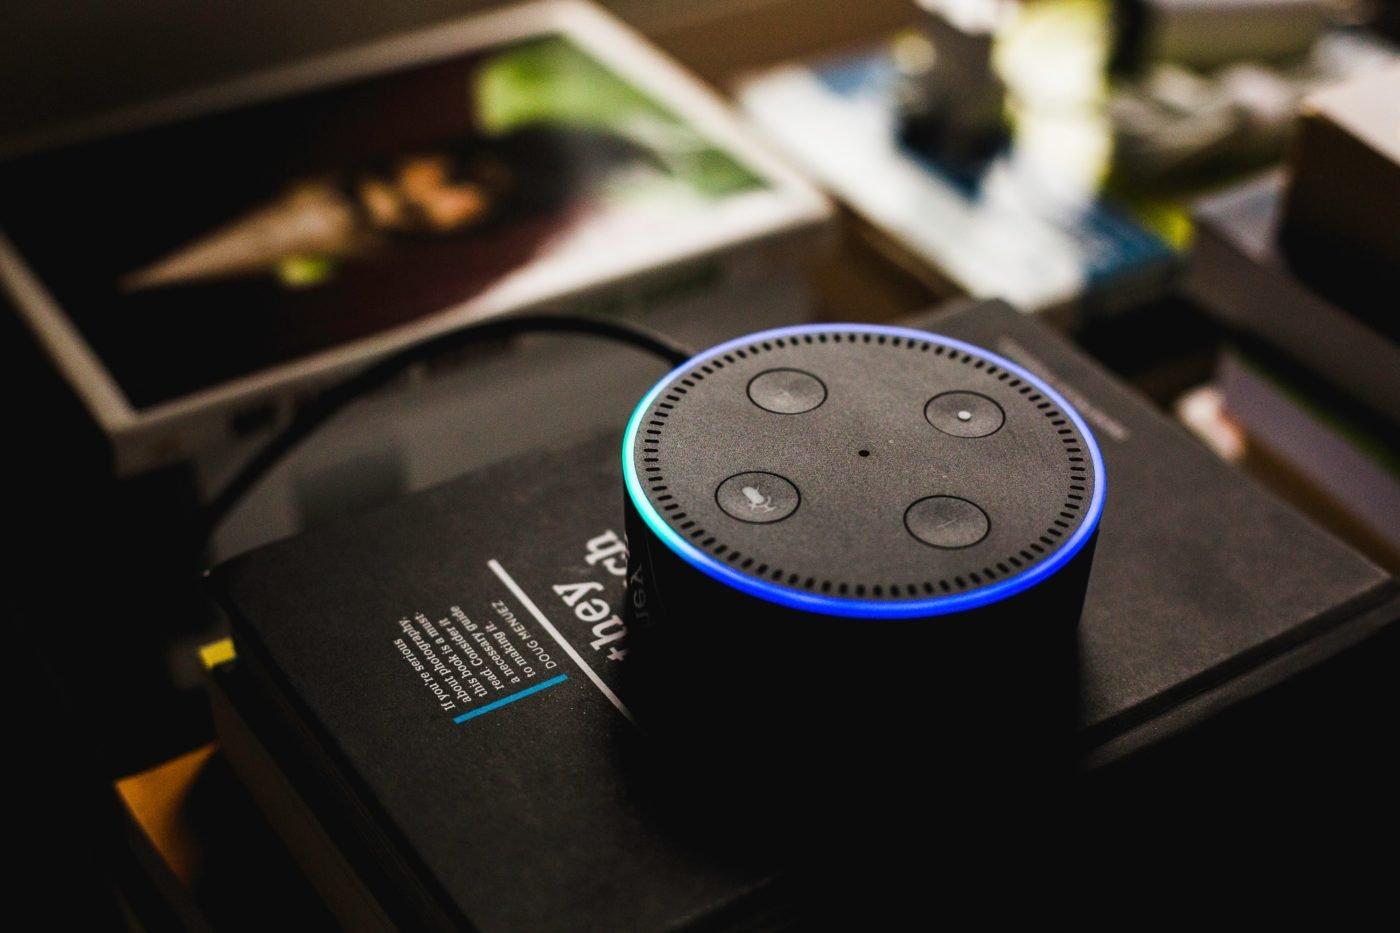 Amazon Echo Dot with Alexa by Andres Urena via Unsplash